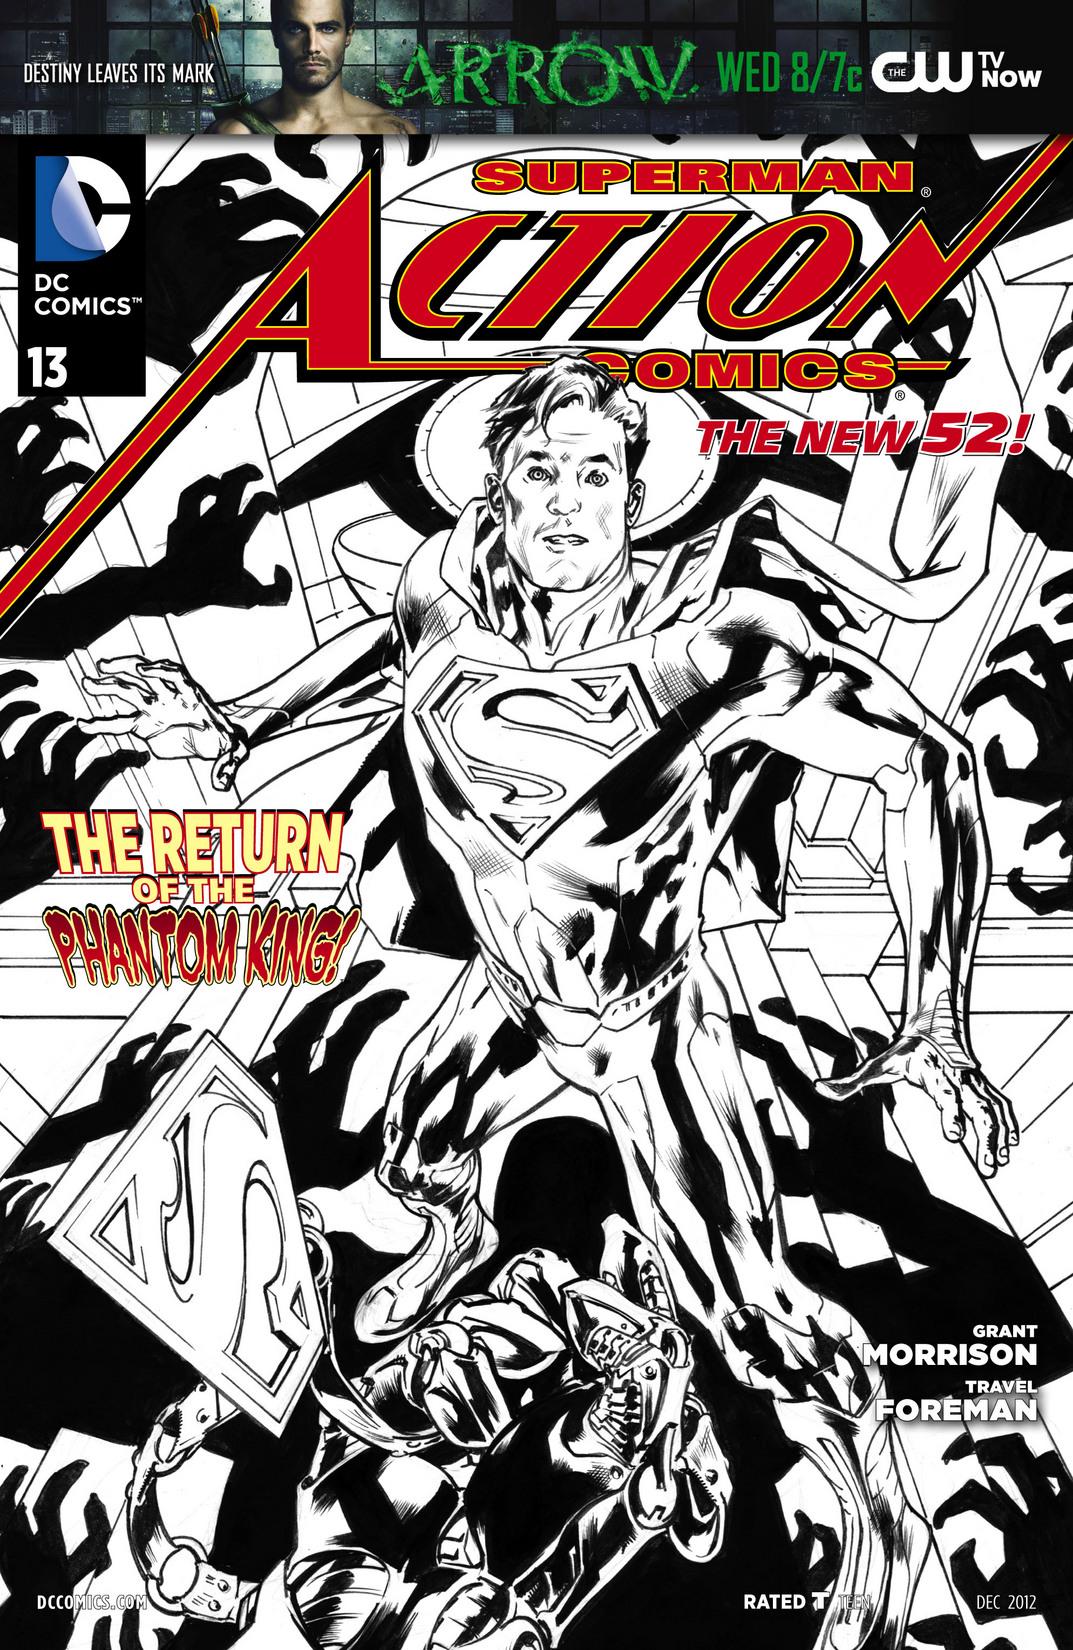 Action Comics Vol 2 13 Sketch.jpg